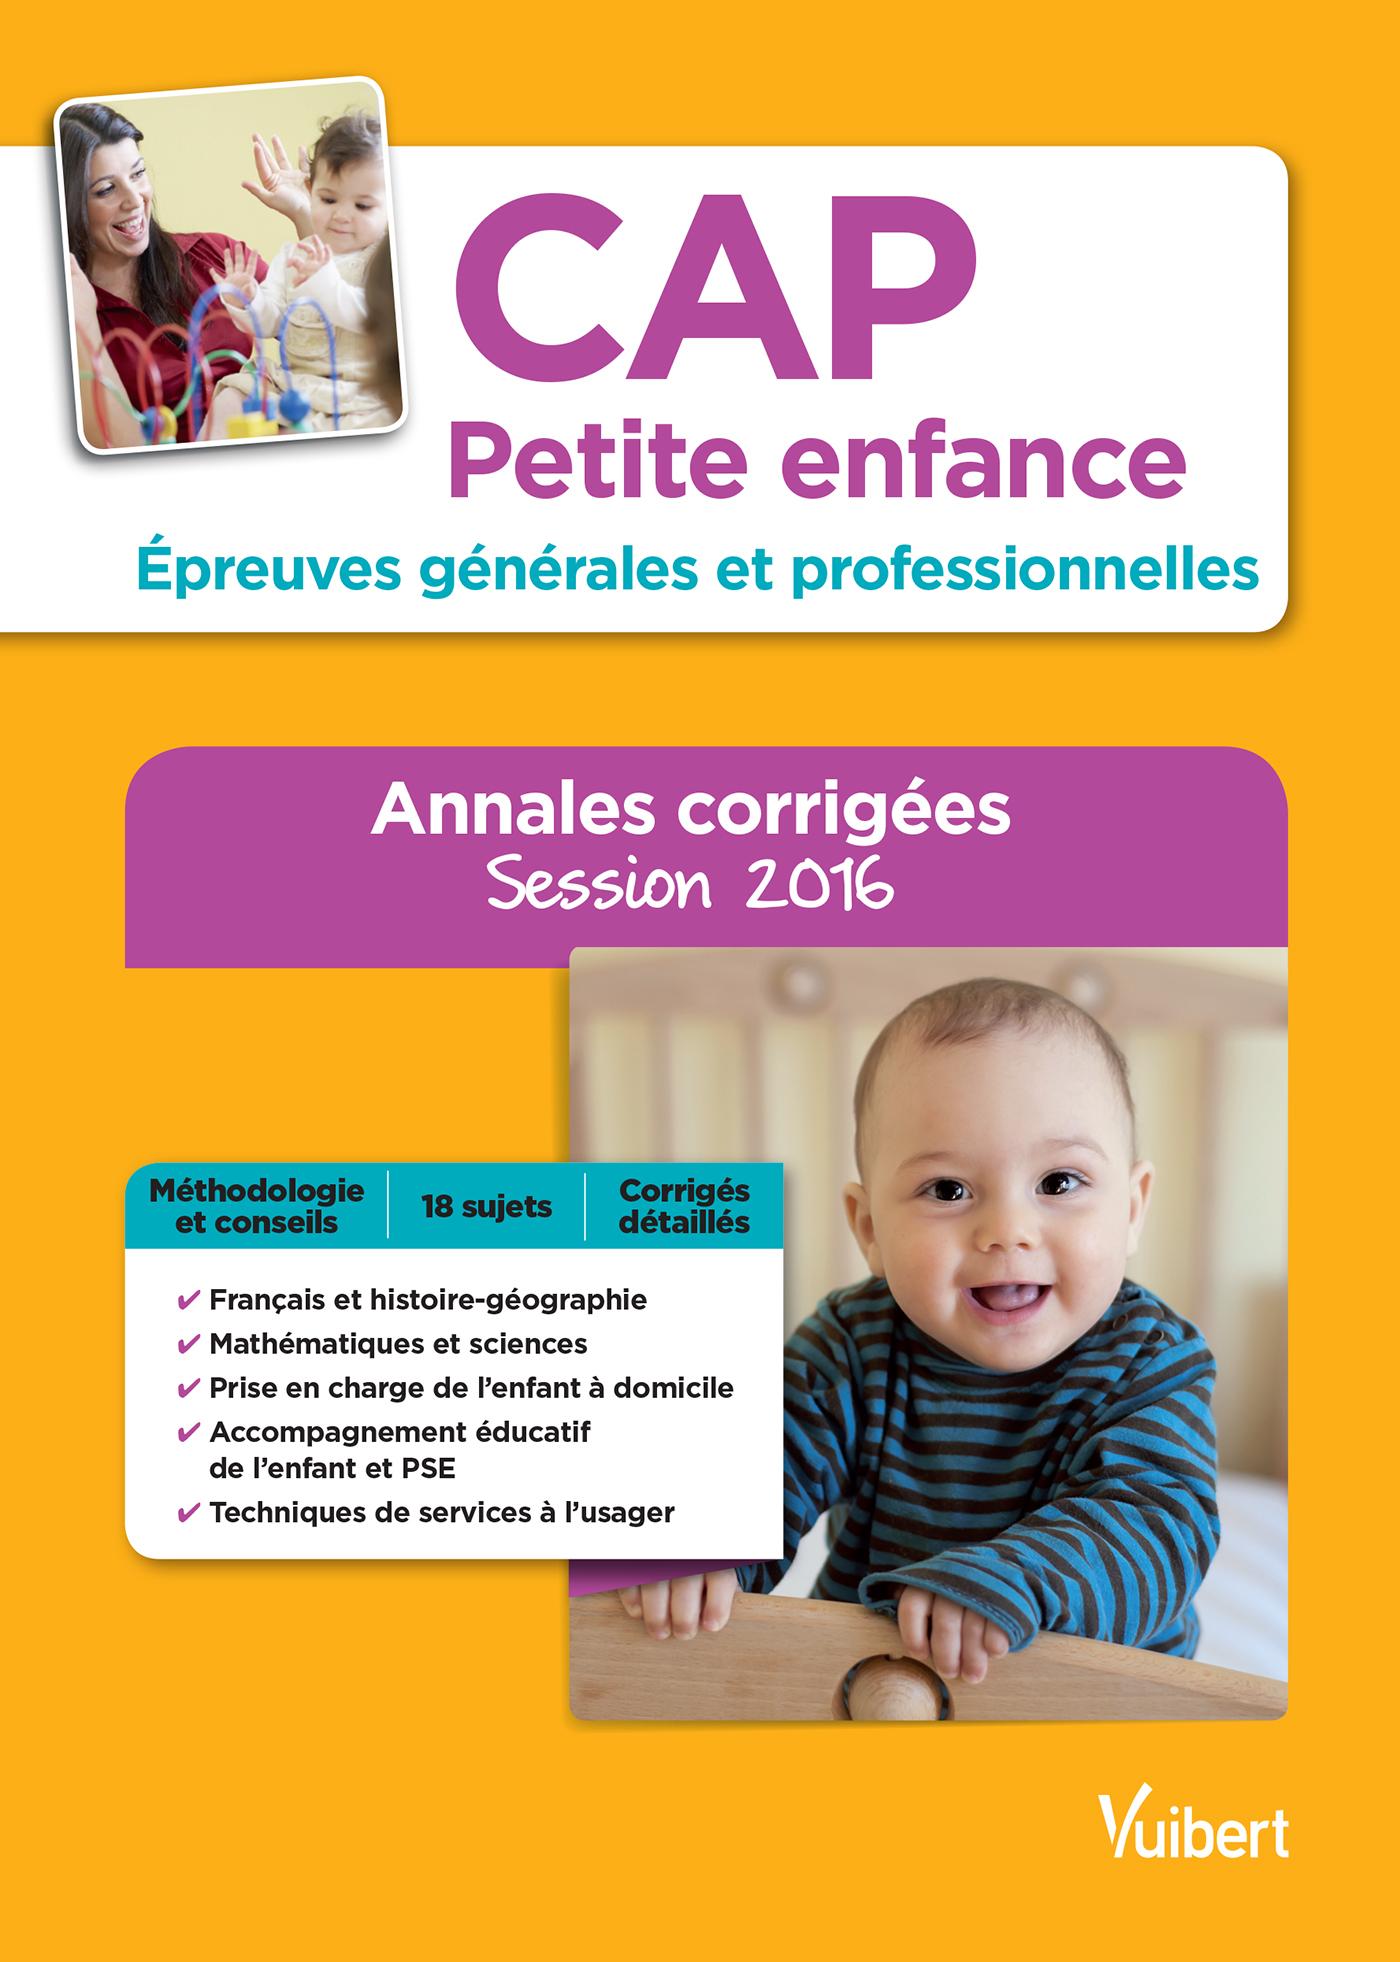 CAP PETITE ENFANCE EPREUVES GENERALES ET PRO ANNALES CORRIGEES  8EDT